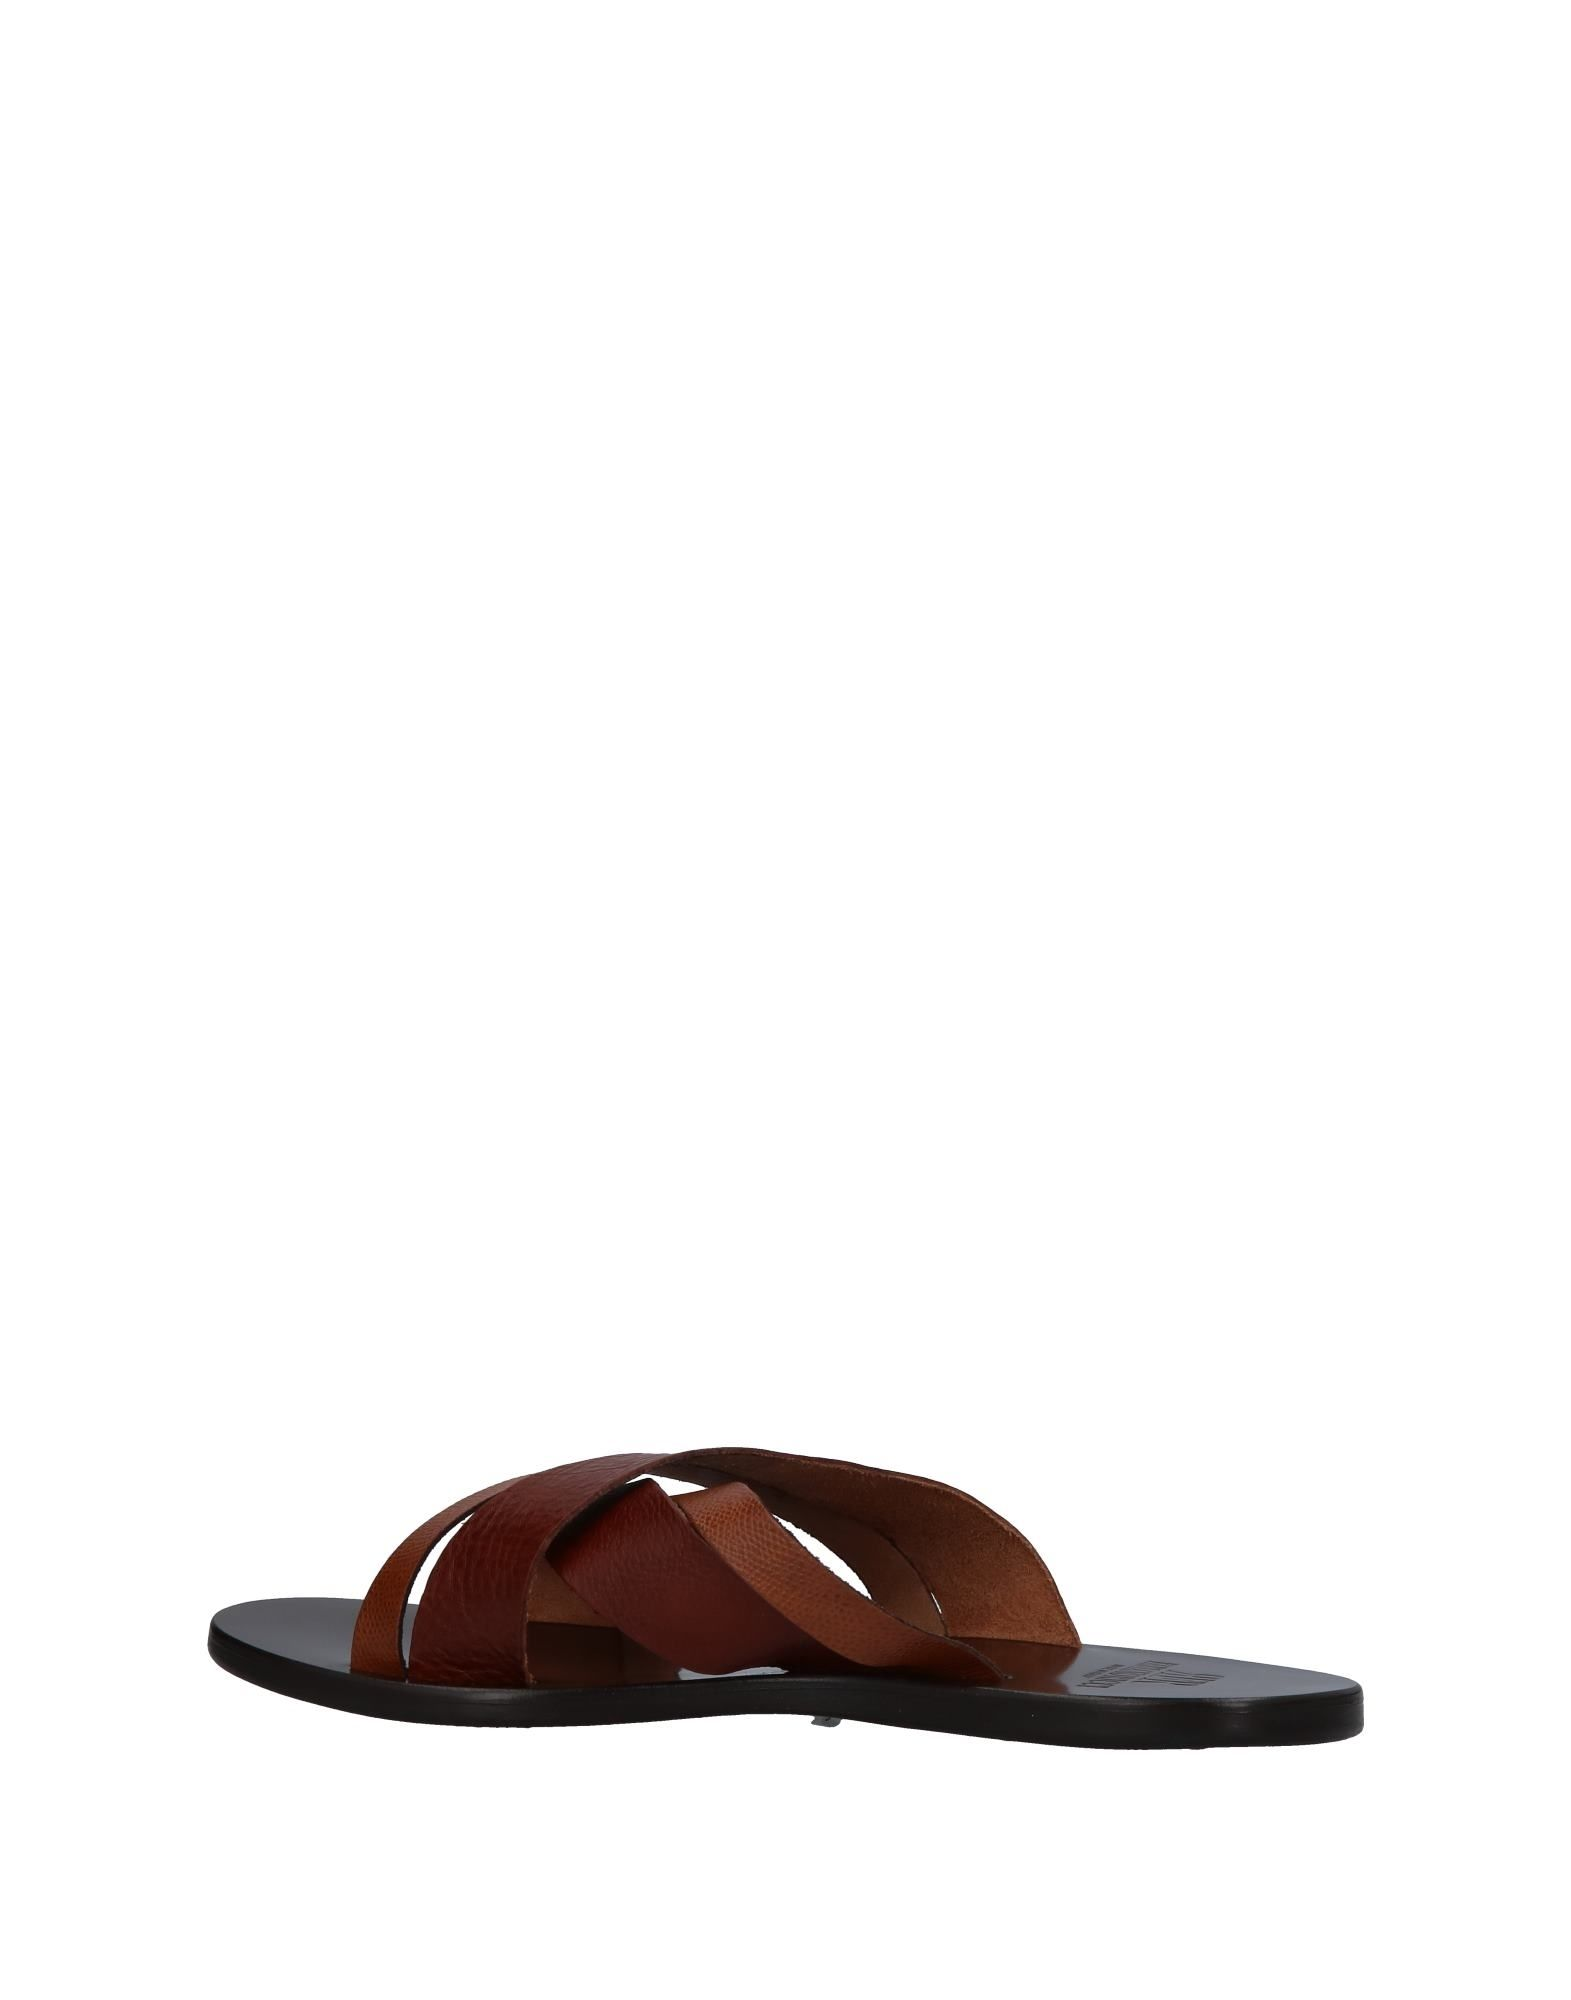 Rabatt Sandalen echte Schuhe Fabiano Ricci Sandalen Rabatt Herren  11375037NX 9ce4bd